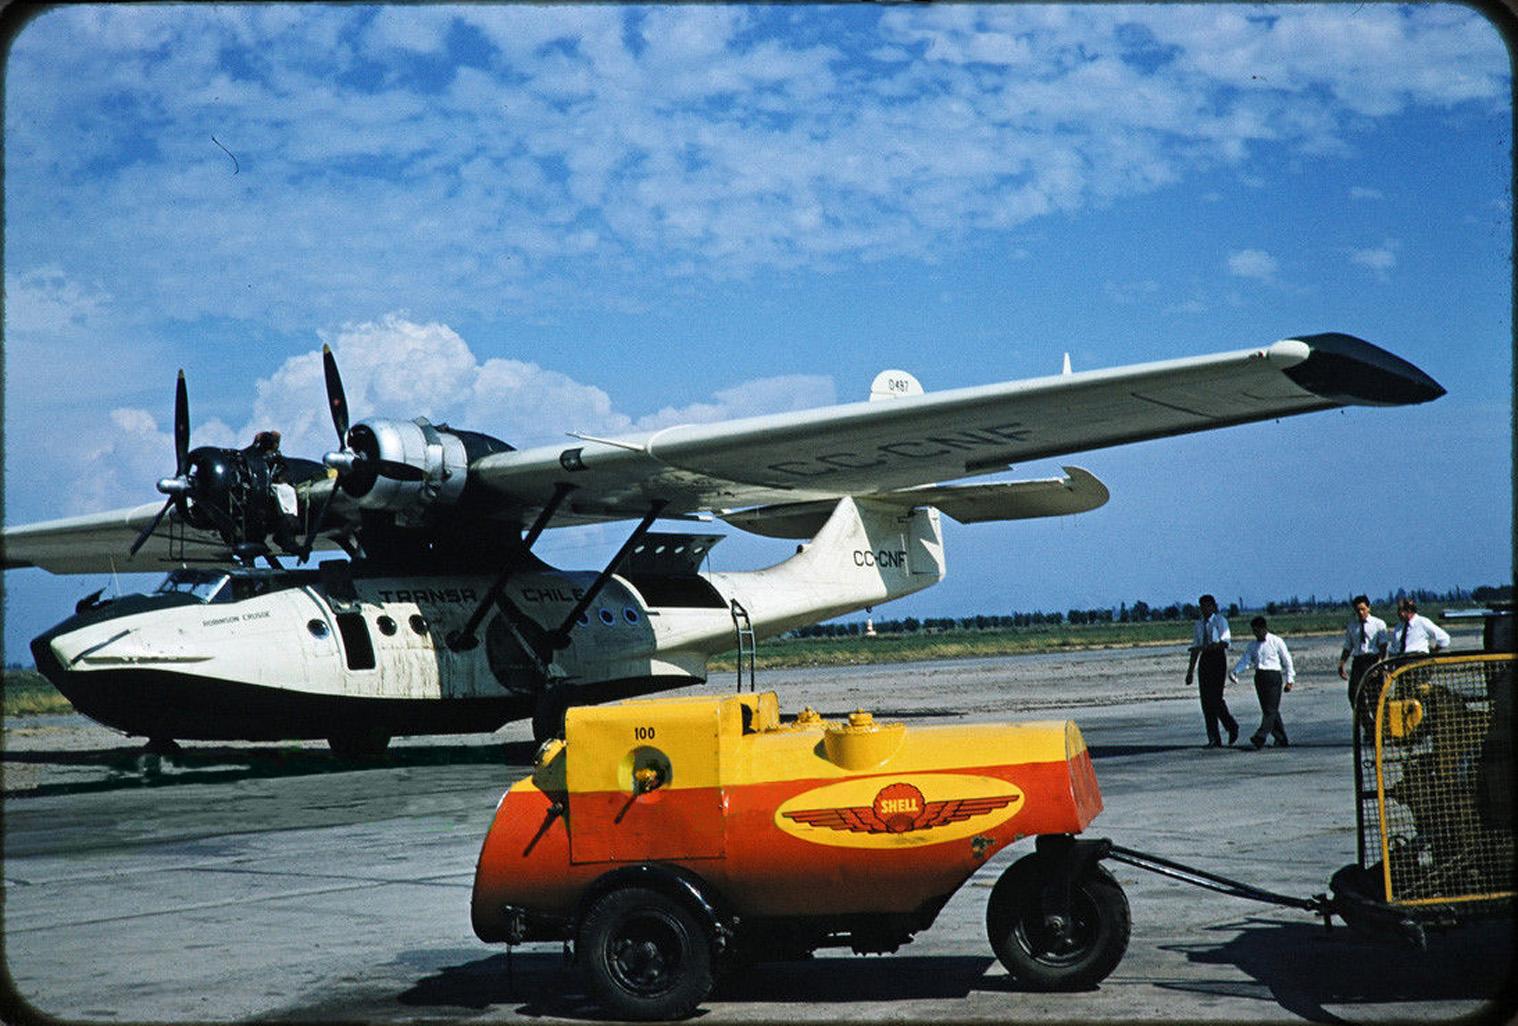 Enterreno - Fotos históricas de chile - fotos antiguas de Chile - Avión en Cerrillos, 1978